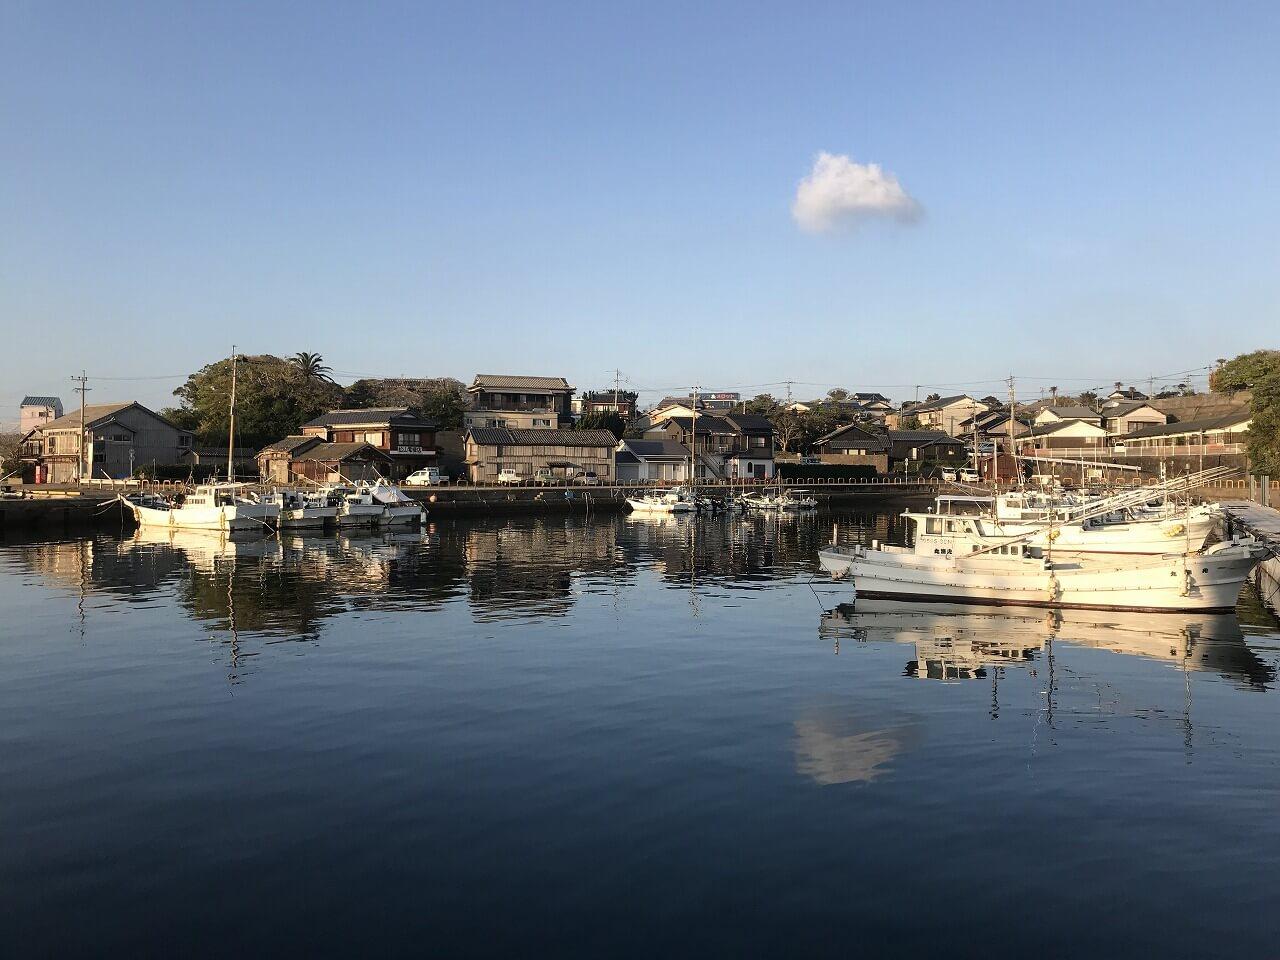 小値賀島 日月庵(庵の前の漁港)